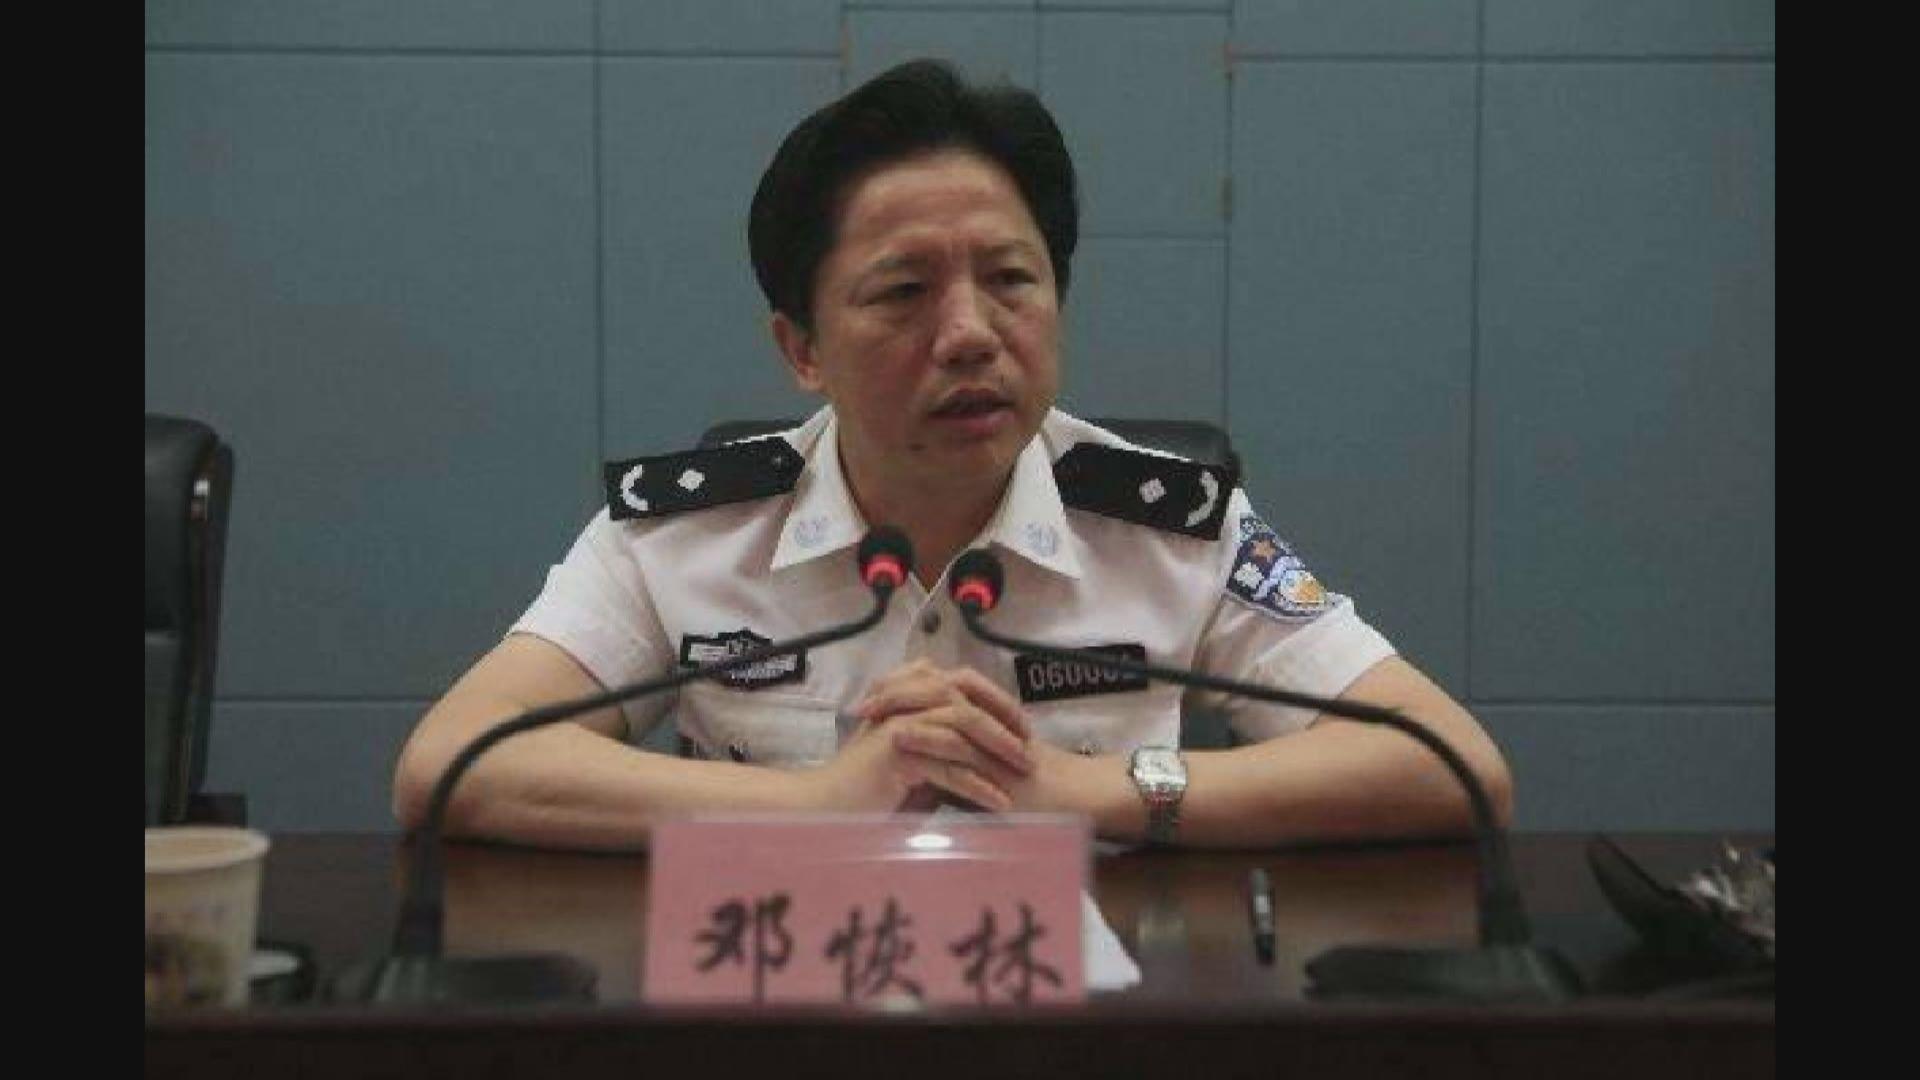 重慶市副市長鄧恢林涉違紀違法被查